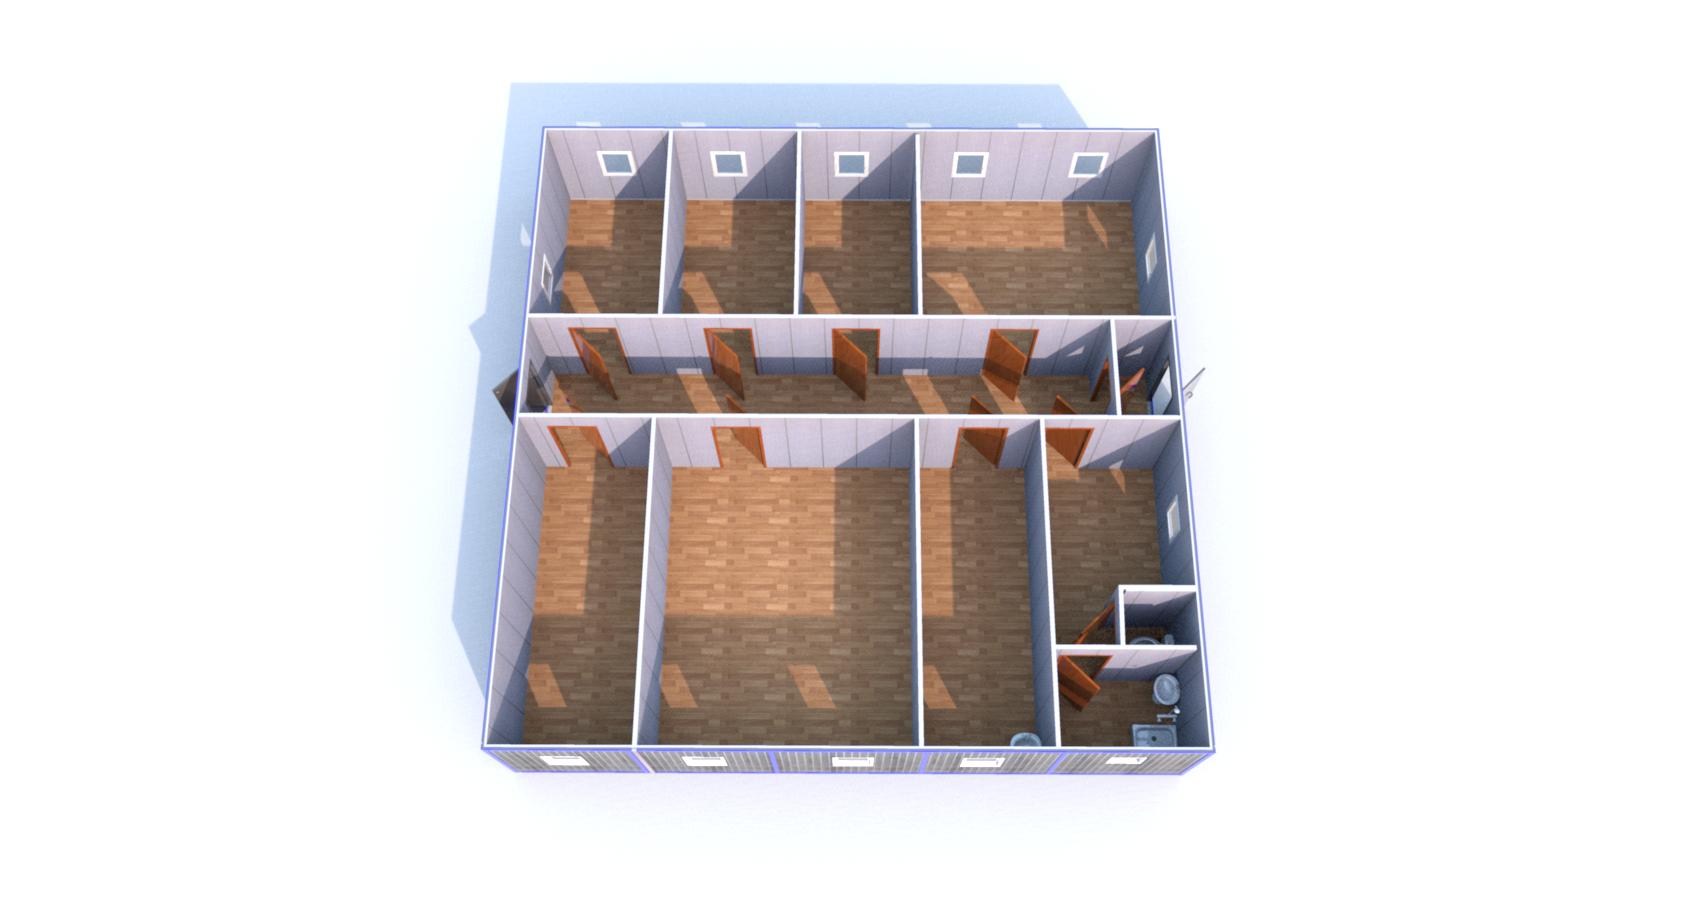 Блок-Модуль (Д.,Ш.,В.) 12,0*12,0*5,0м., состоящий из 5 блок-контейнеров 12,0*2,4*2,5м